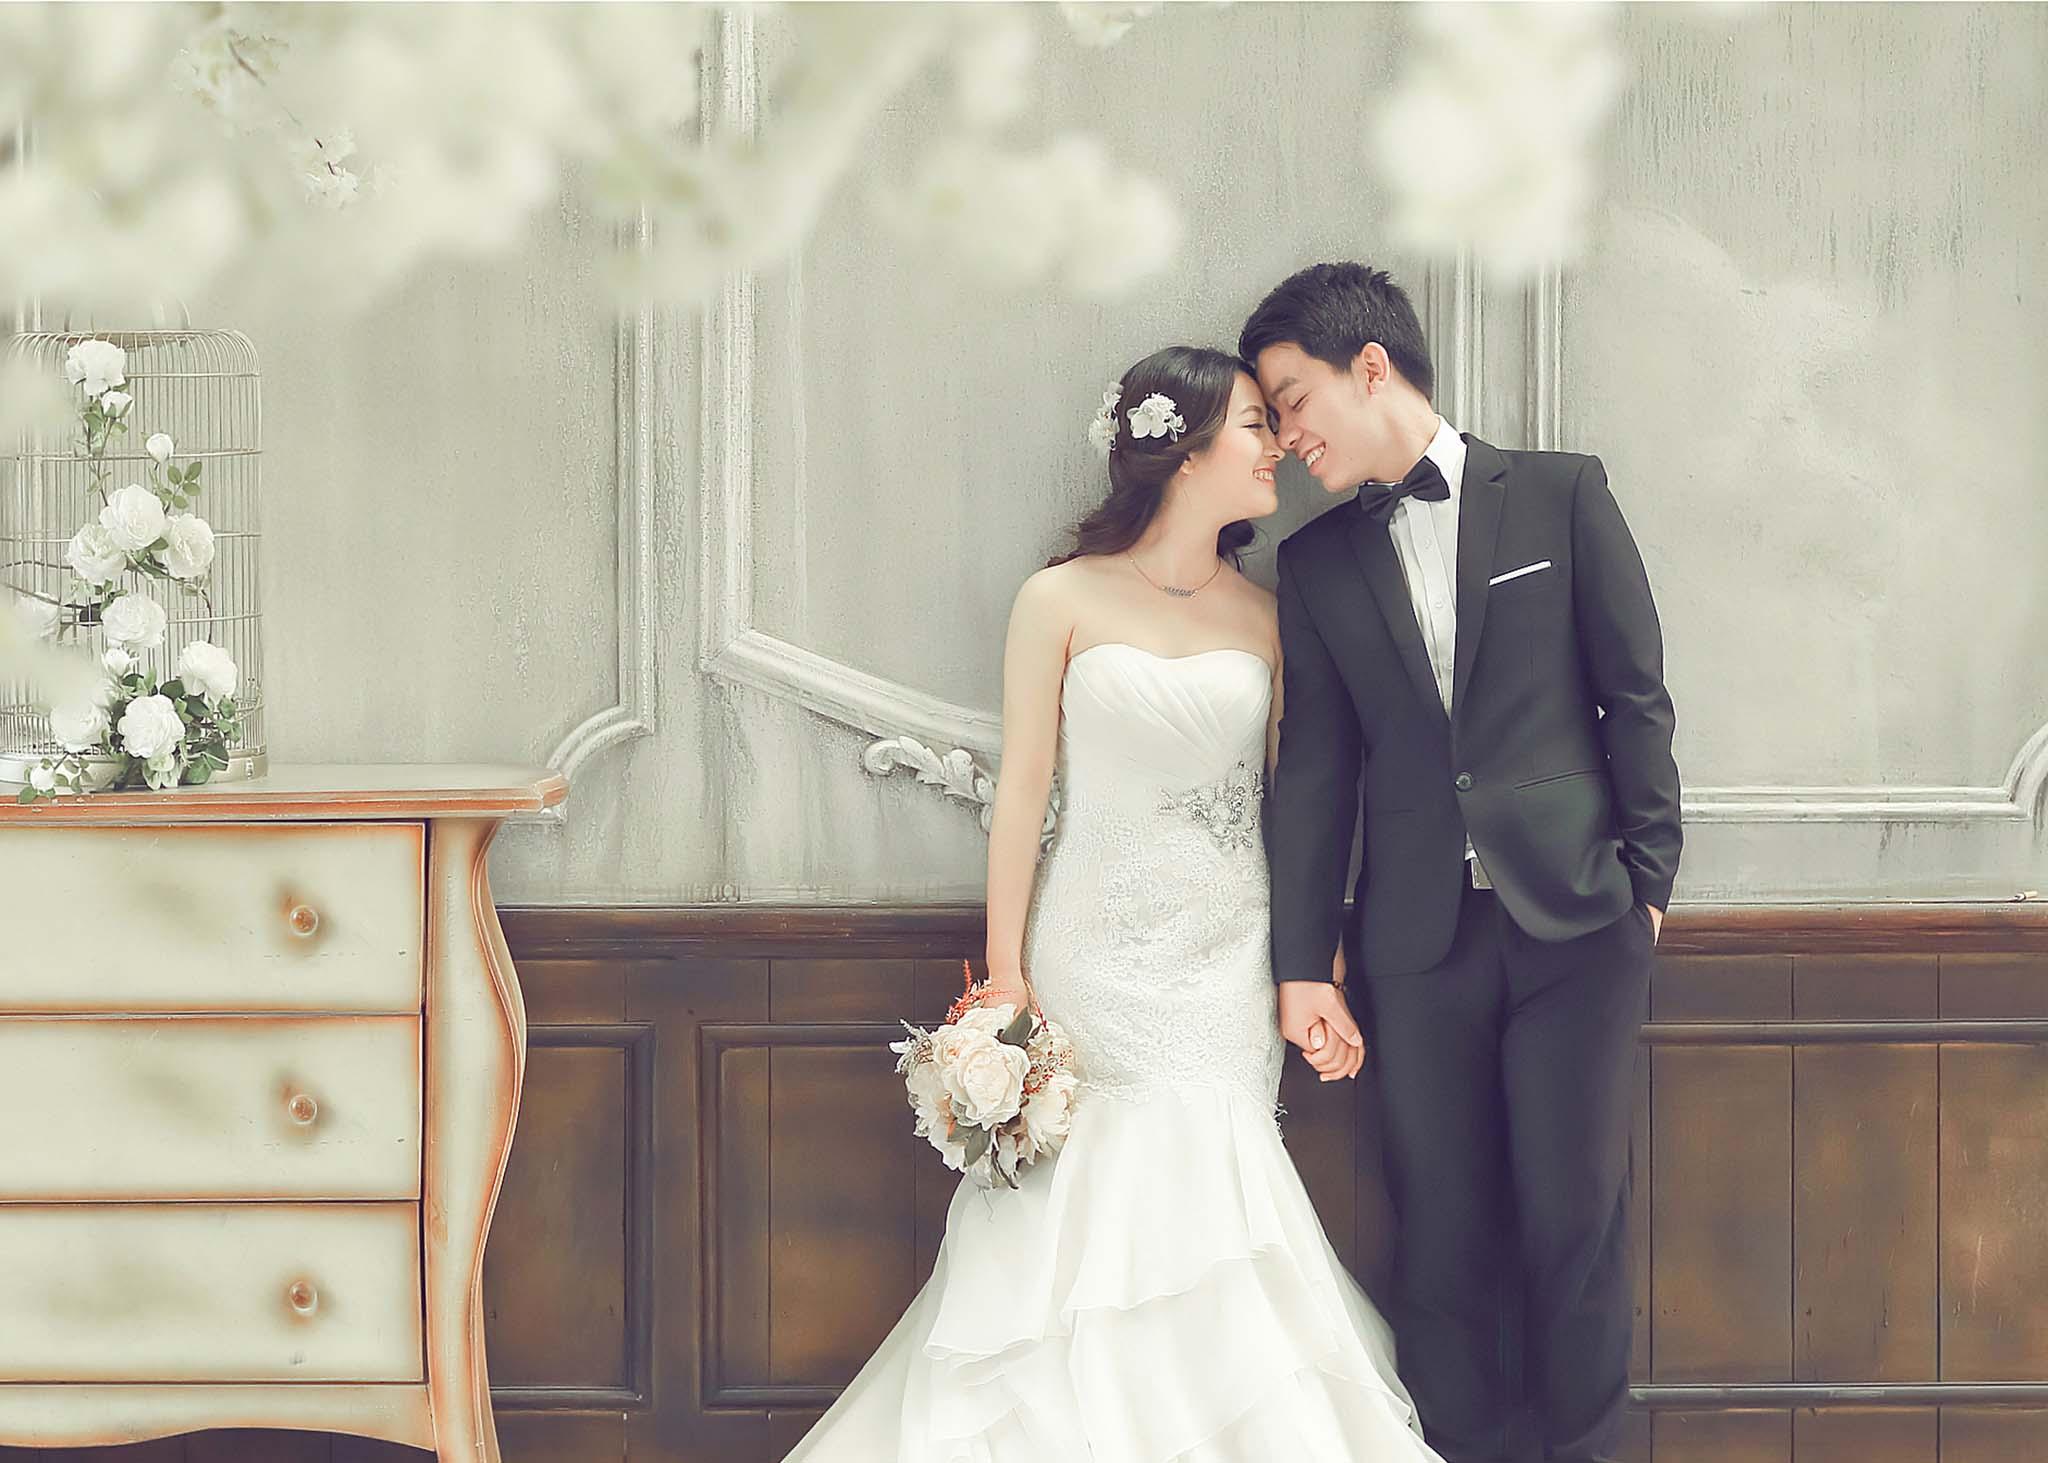 Lên kế hoạch tổ chức đám cưới là công việc quan trọng của các cặp đôi sắp cưới